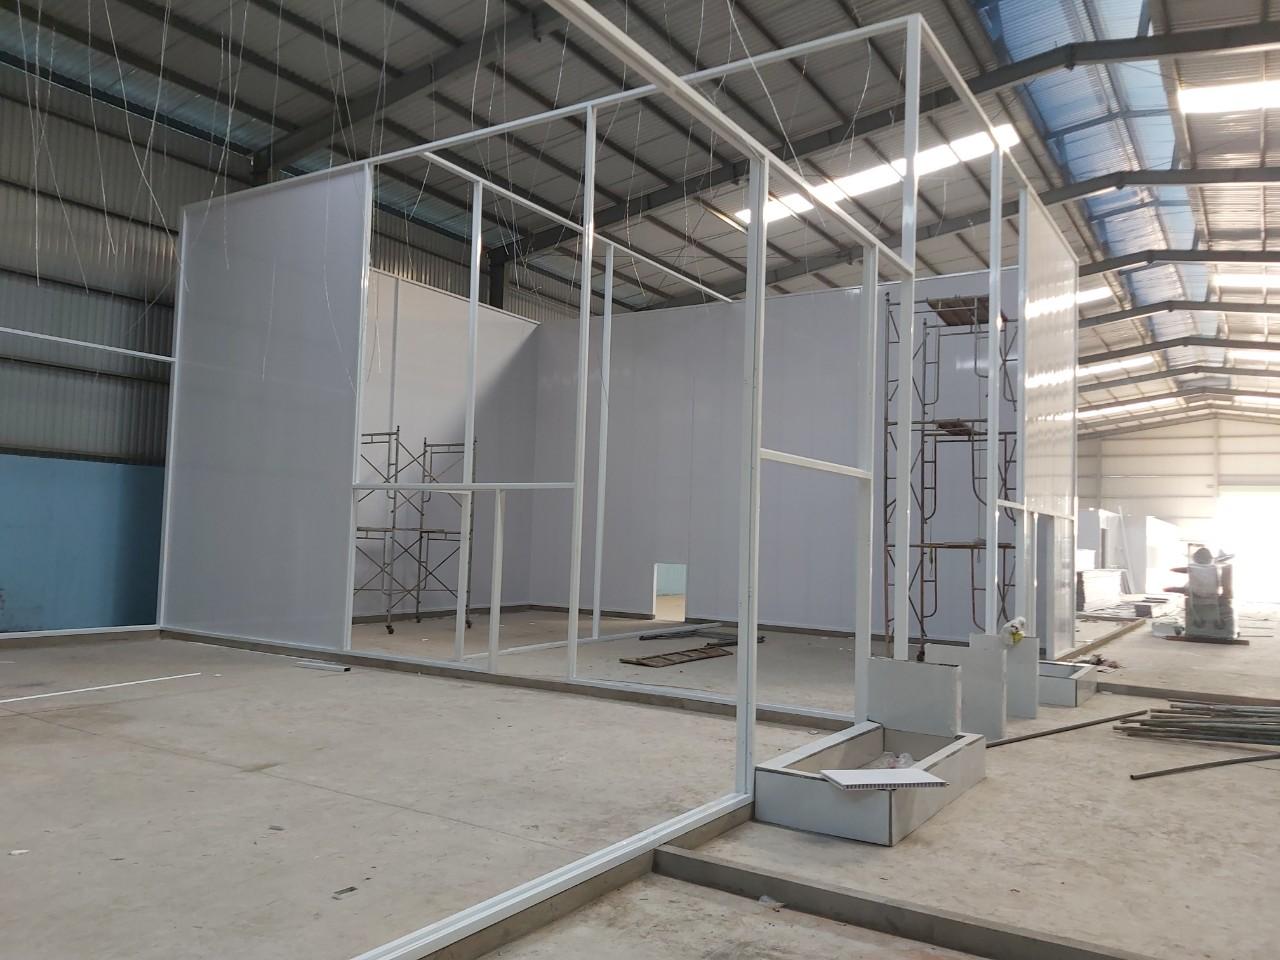 lắp đặt vách nhựa công nghiệp tại nhà máy thủy sản